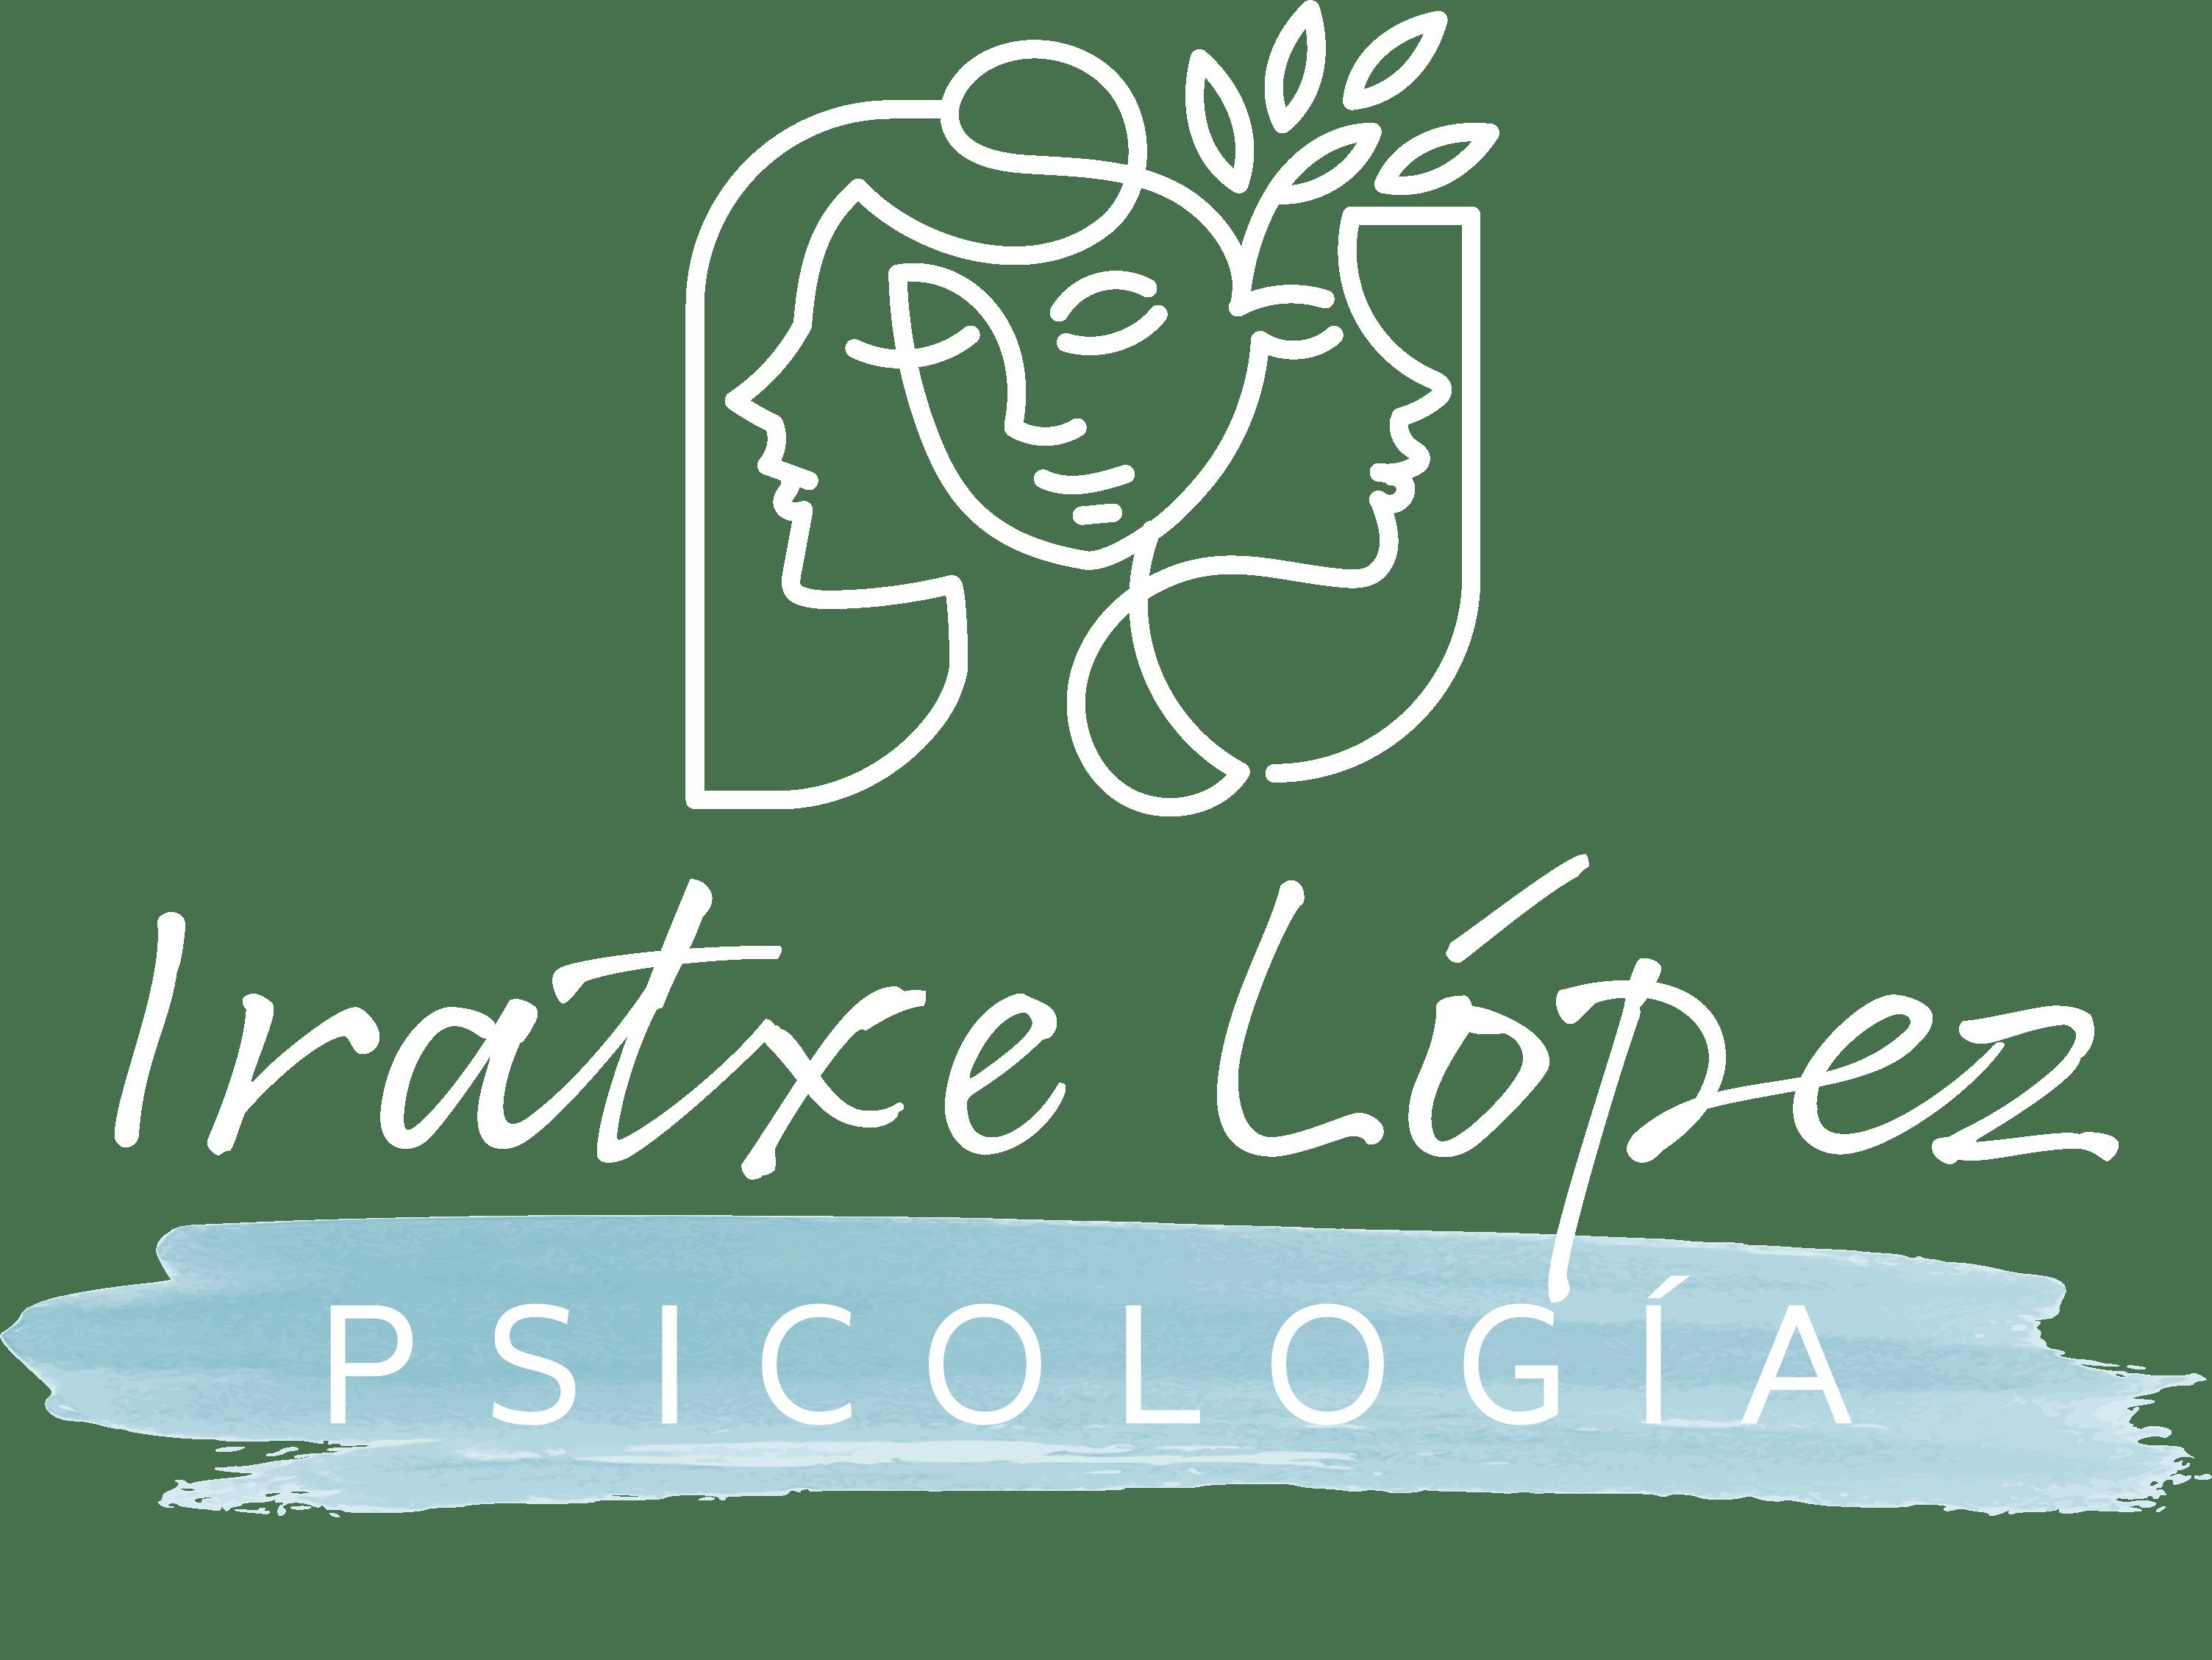 Iratxe López Psicología - Servicios de psicología clínica infantil, juvenil y adultos en pleno centro de Bilbao.